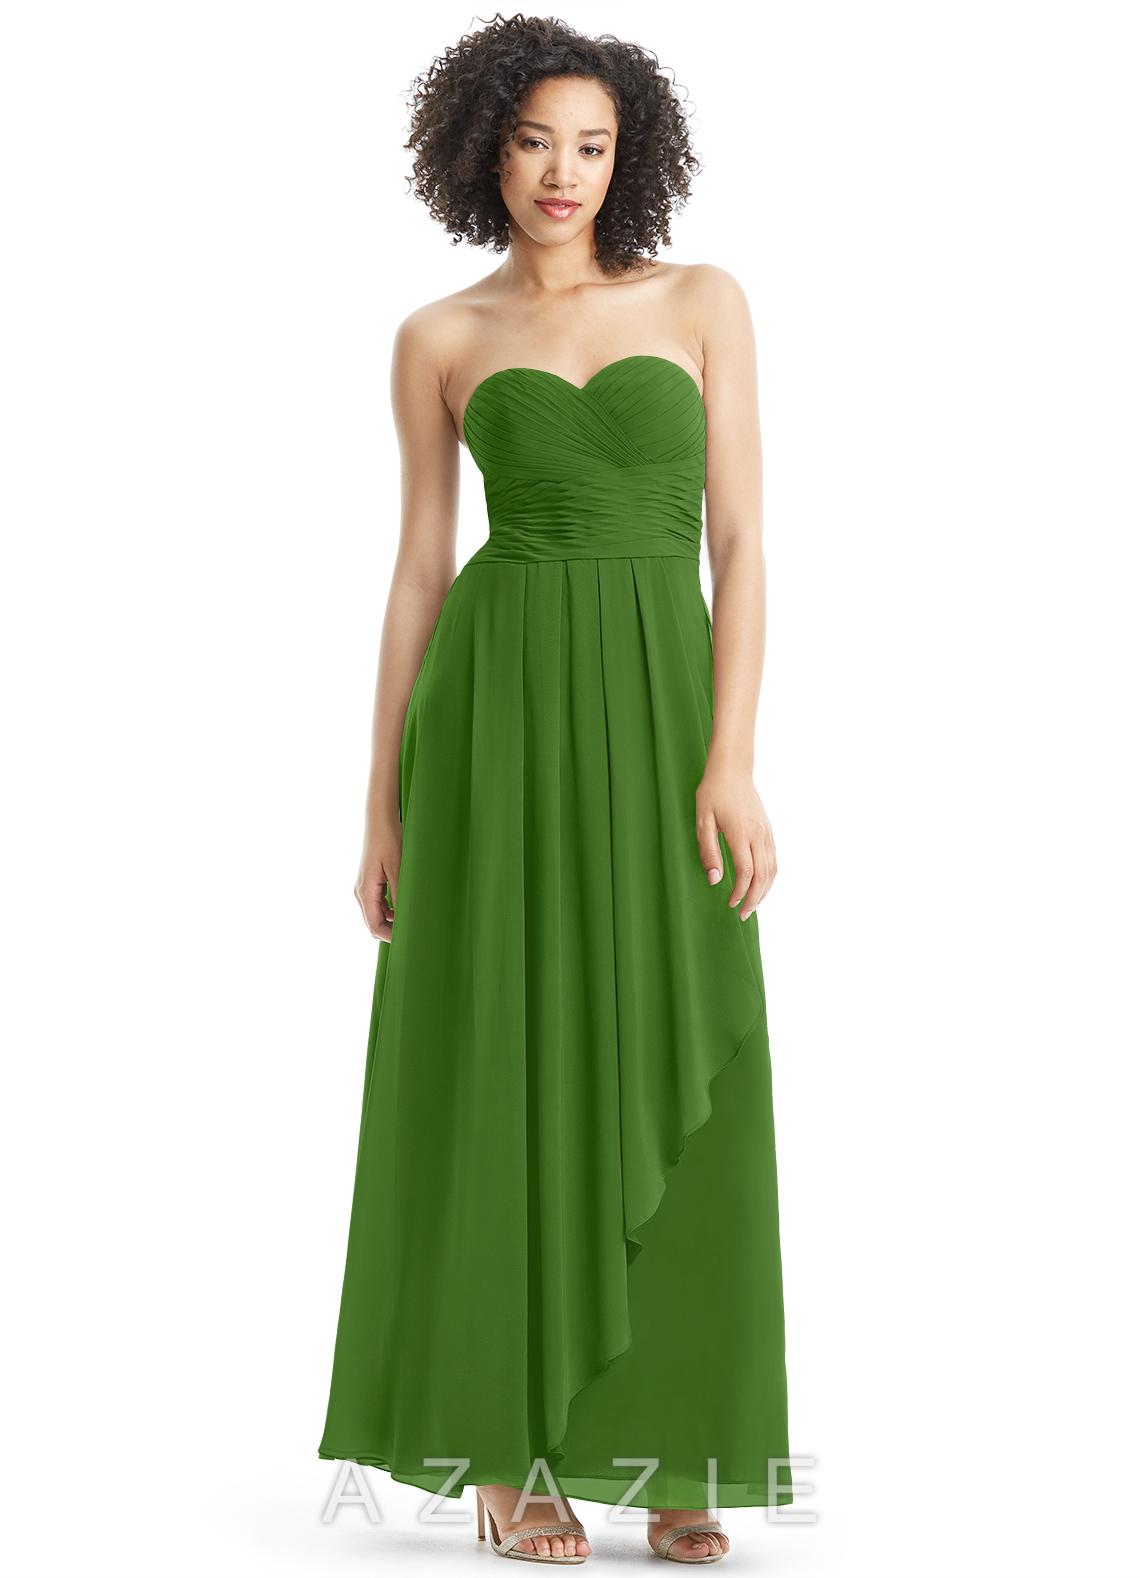 Azazie Faye Bridesmaid Dress | Azazie